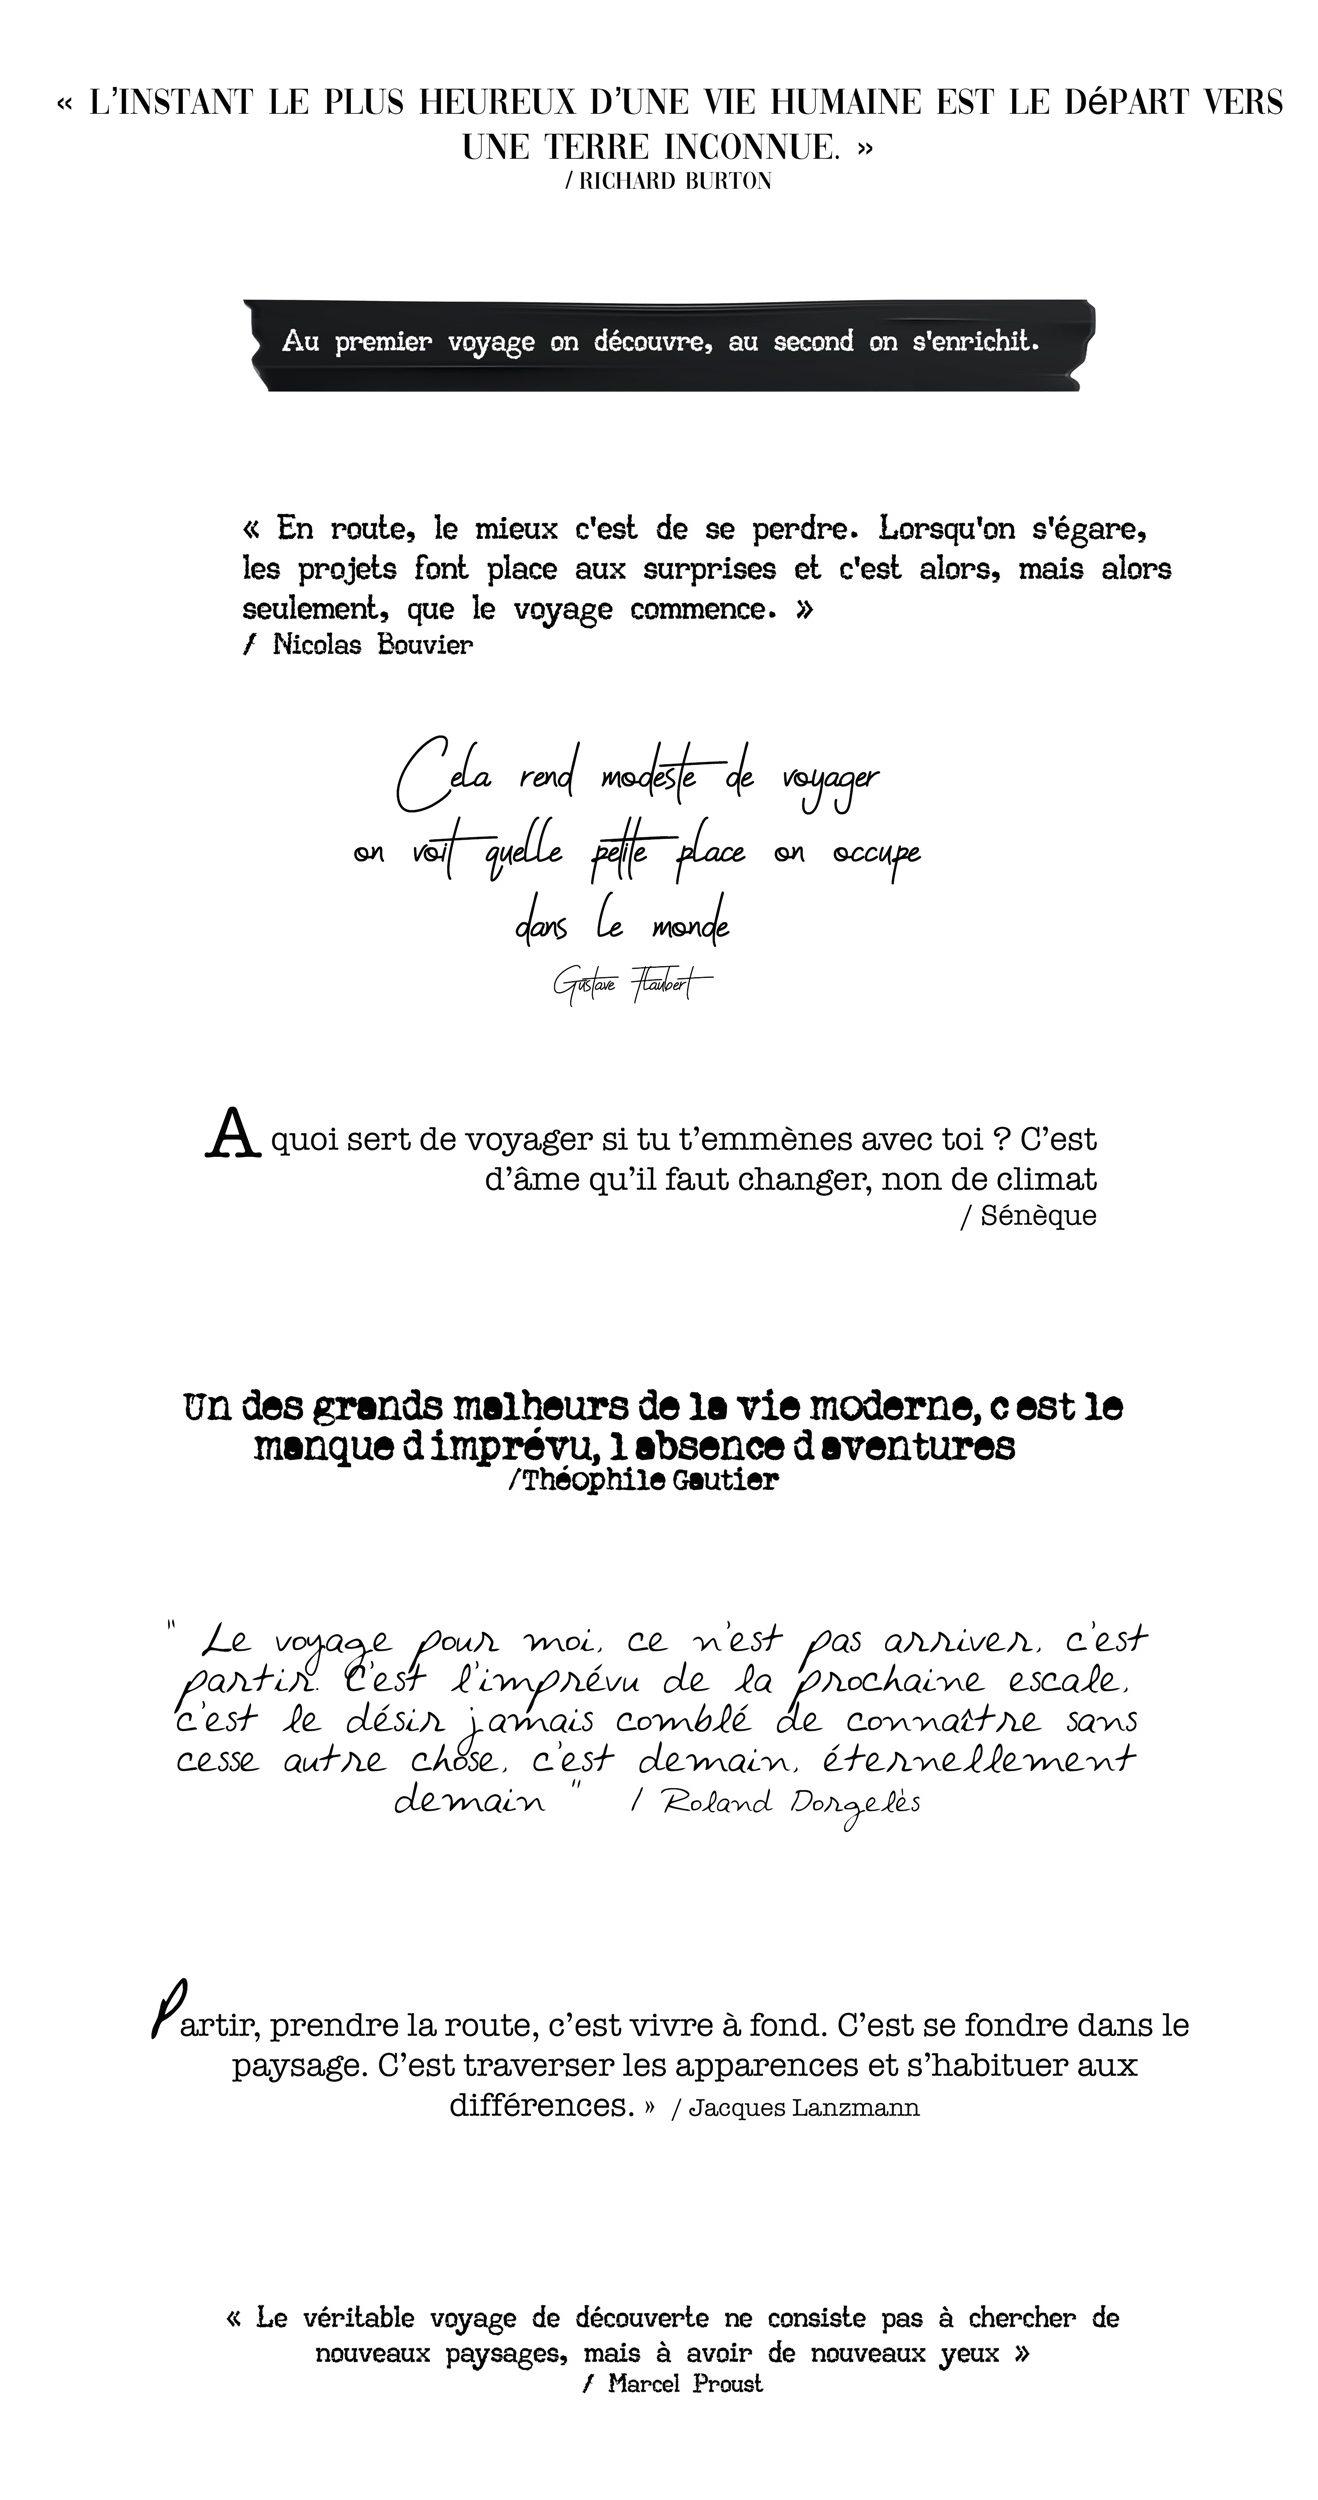 Le Top Des Citations De Voyage Pour S évader Kallisteha